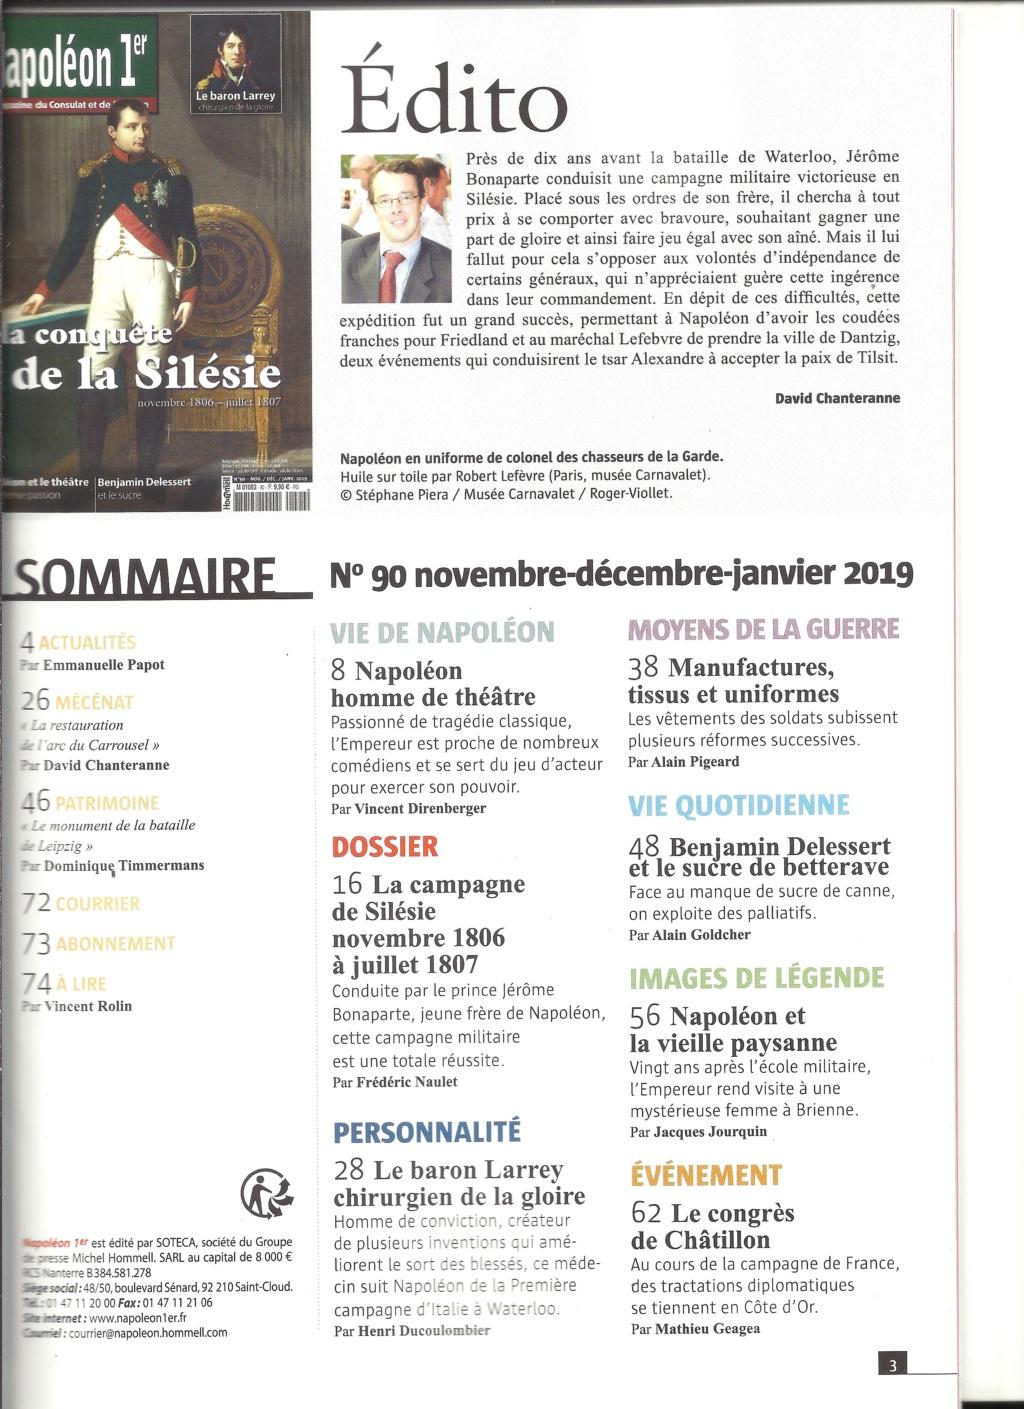 Revues Novembre 2018 Revue_64